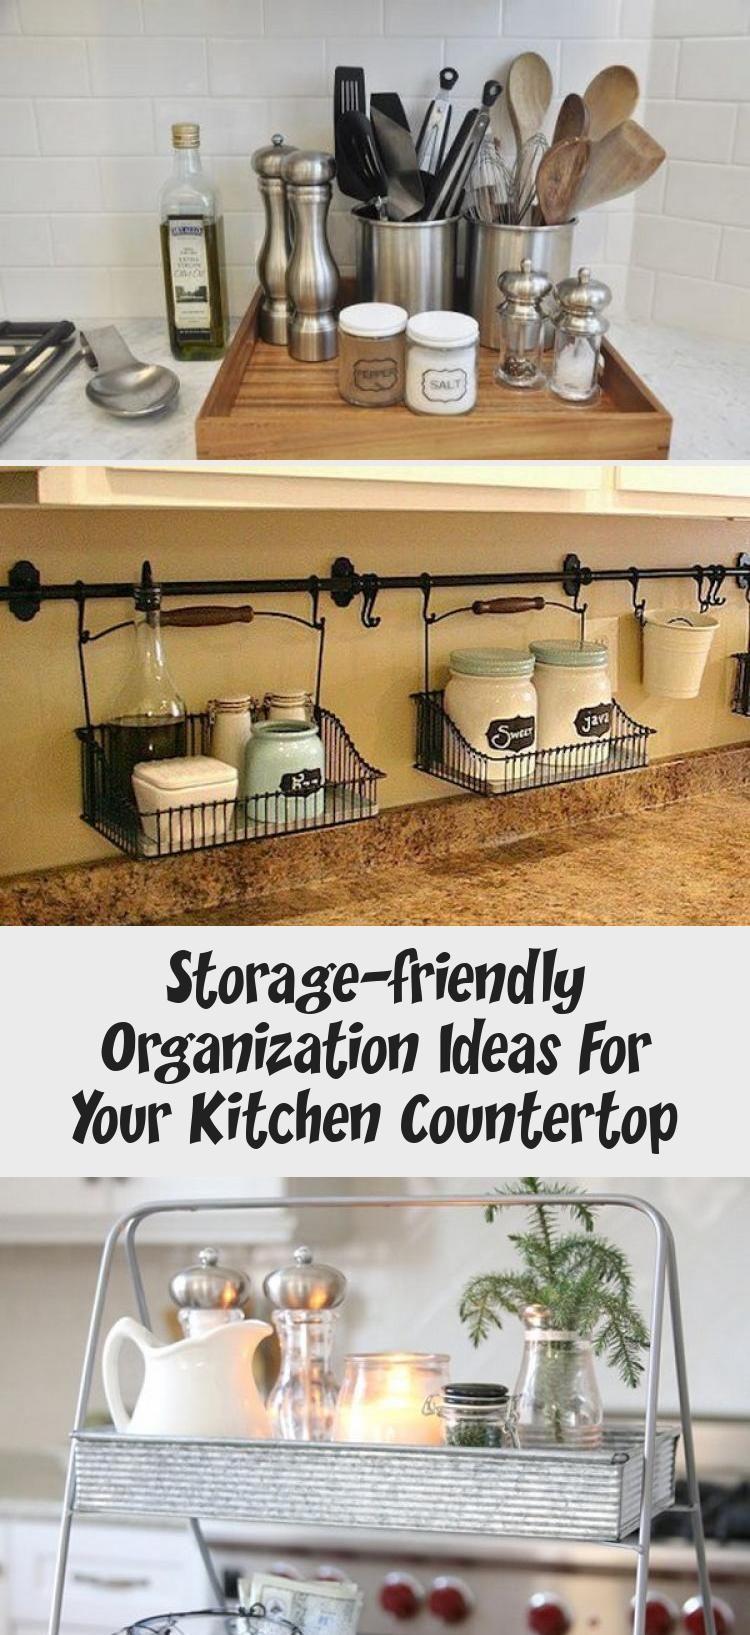 Storage Friendly Organization Ideas For Your Kitchen Countertop Bilgi Tahtasi Kitchen Counter Decor Kitchen Countertops Countertops